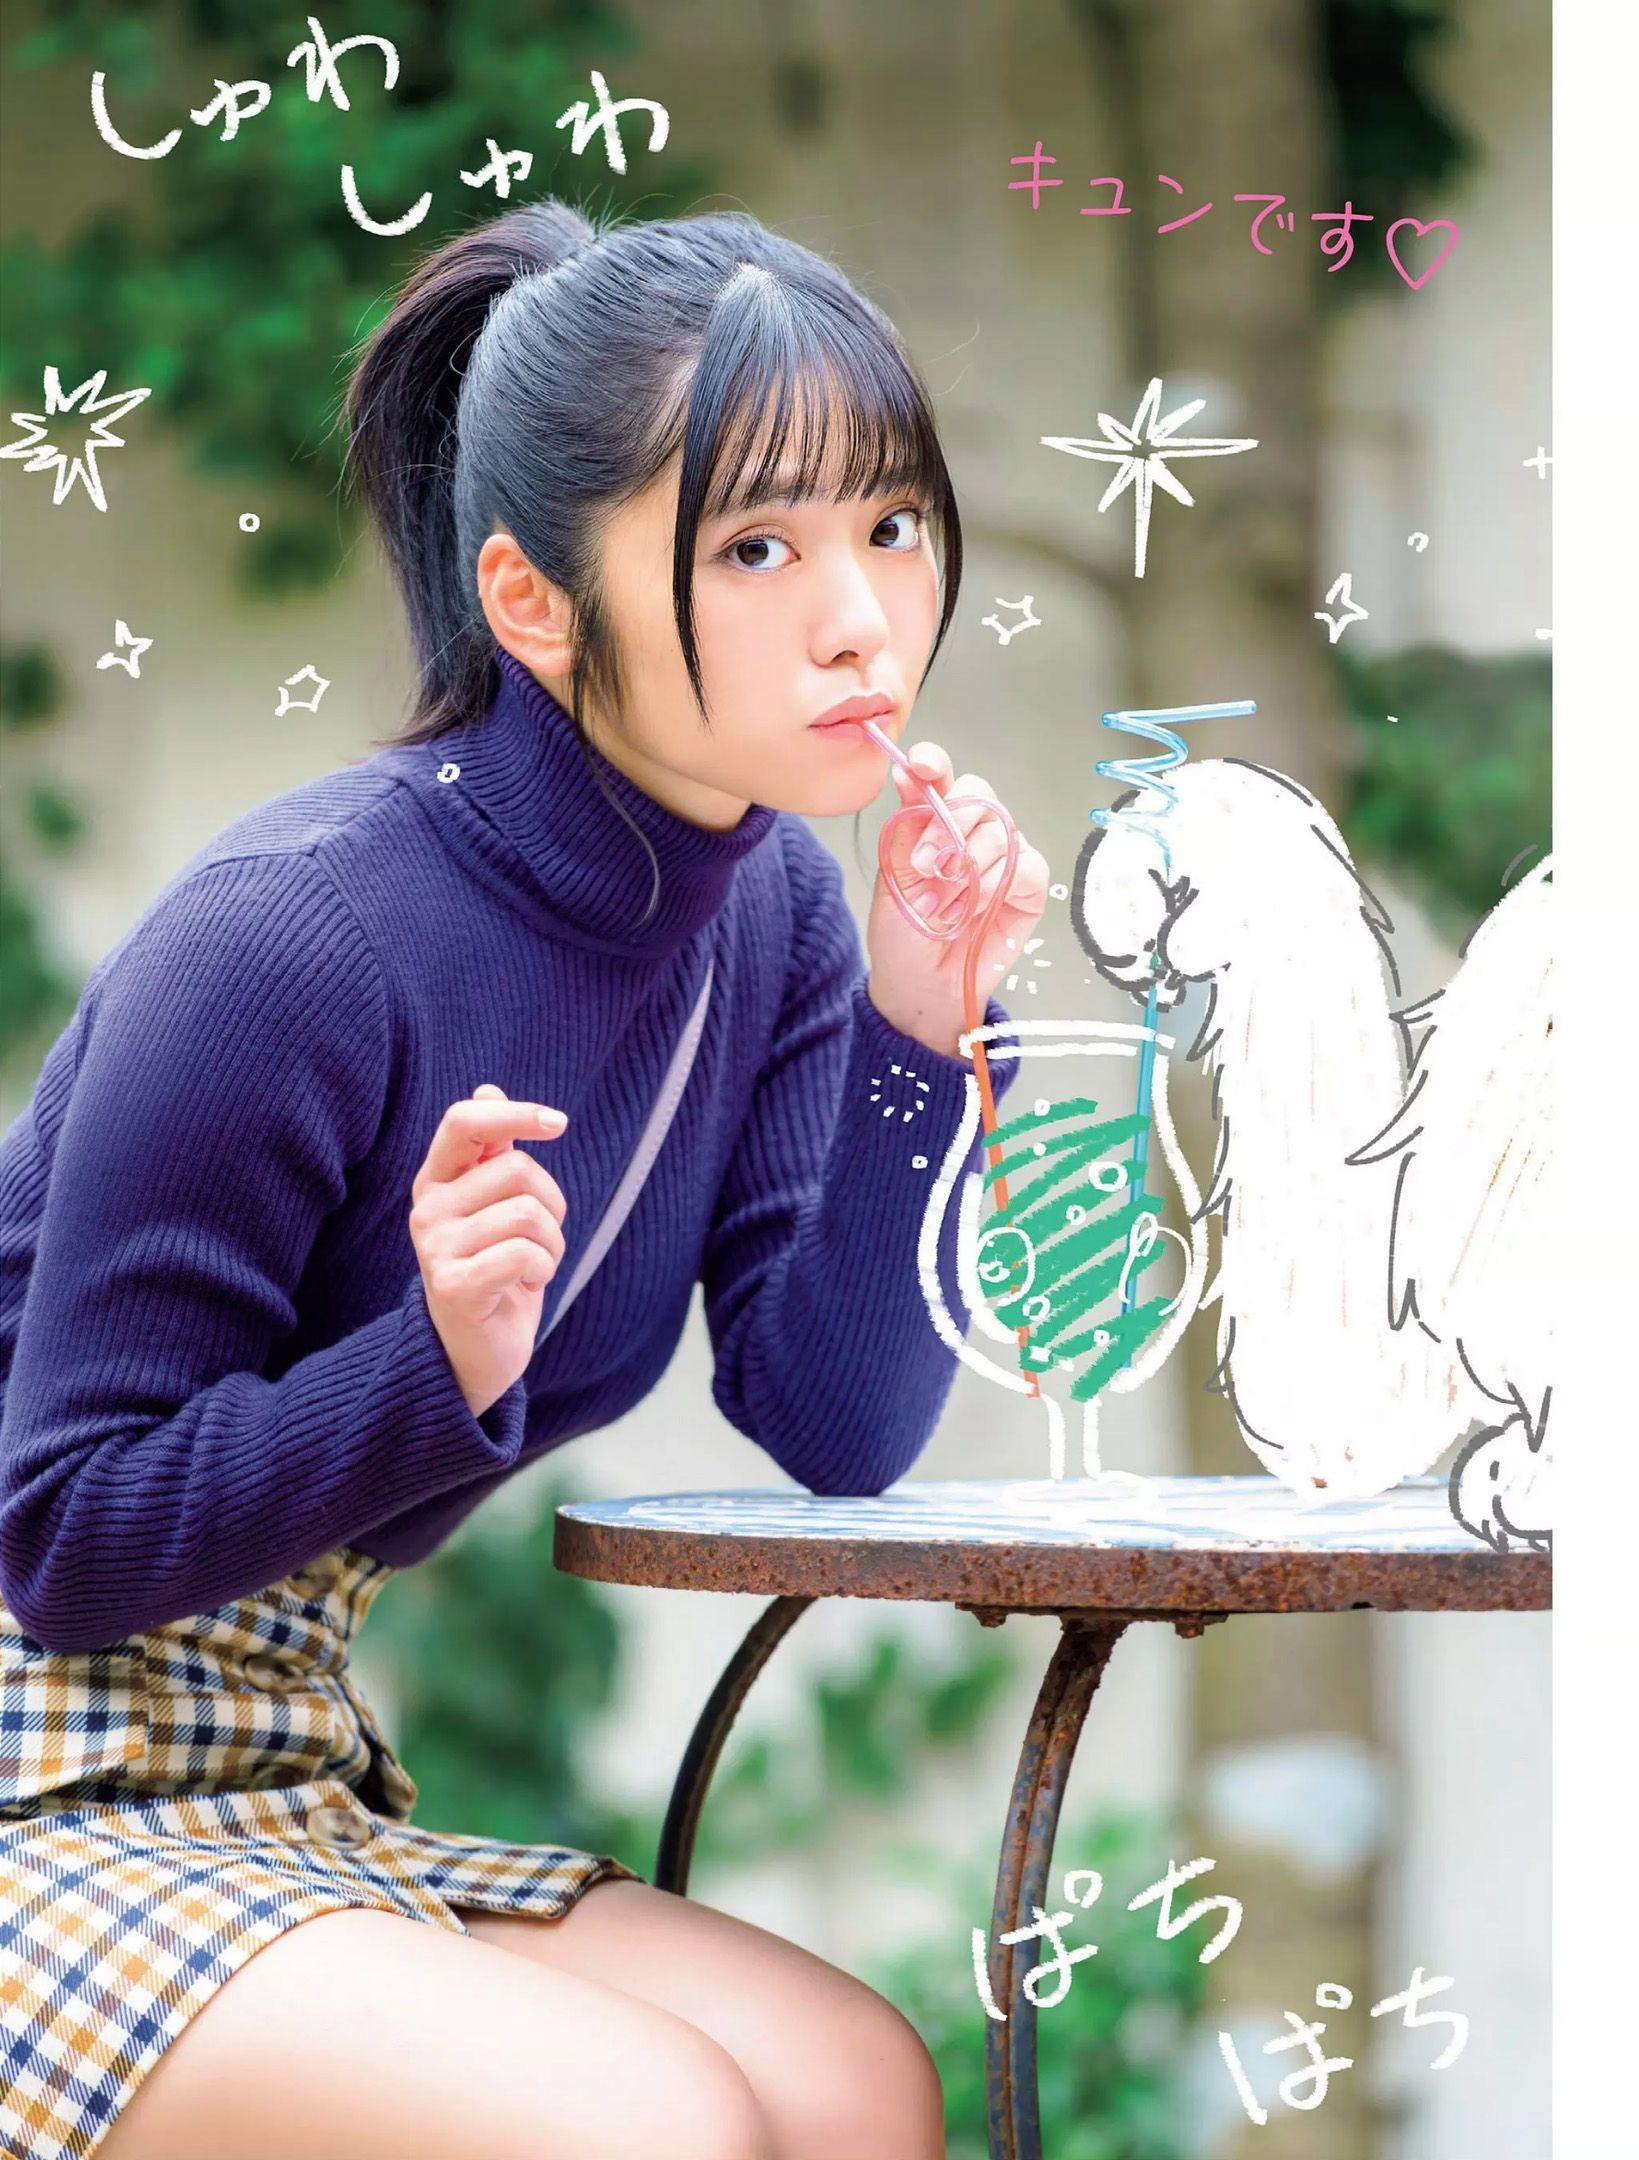 吉田莉樱 栗田惠美-FLASH 2020年12月22日刊-第30张图片-深海领域